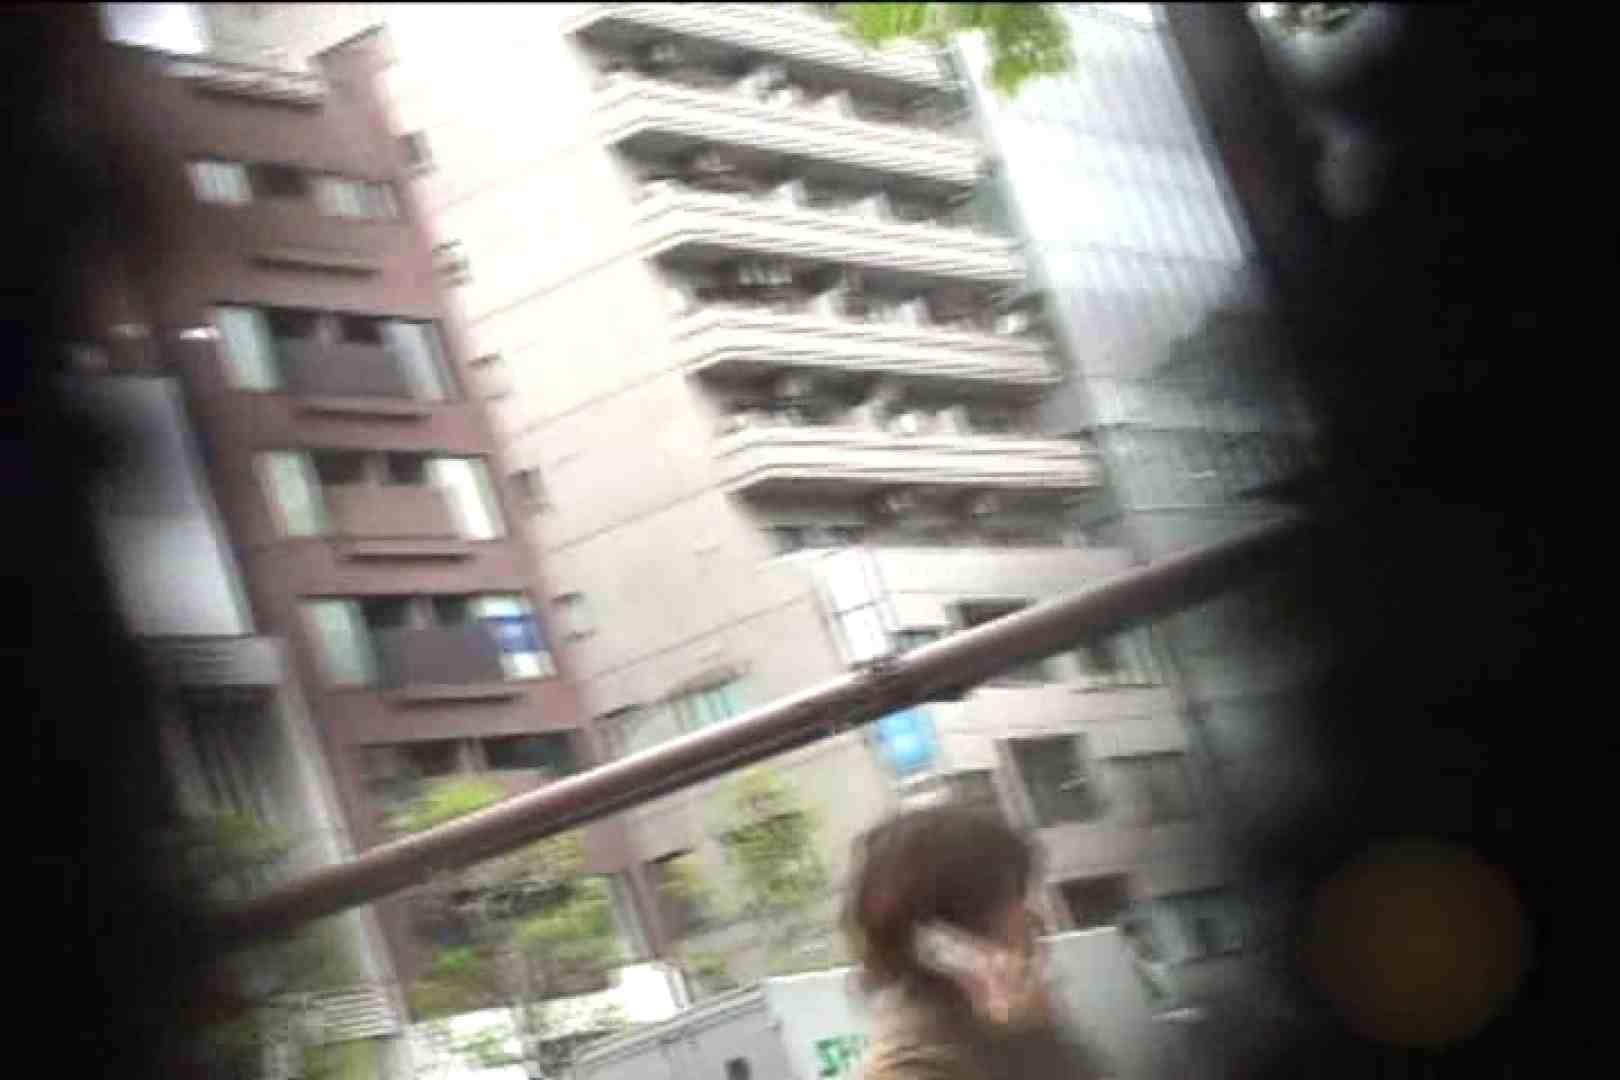 あなたの唇 奪い隊!! vol.1 超エロギャル 隠し撮りオマンコ動画紹介 70枚 23